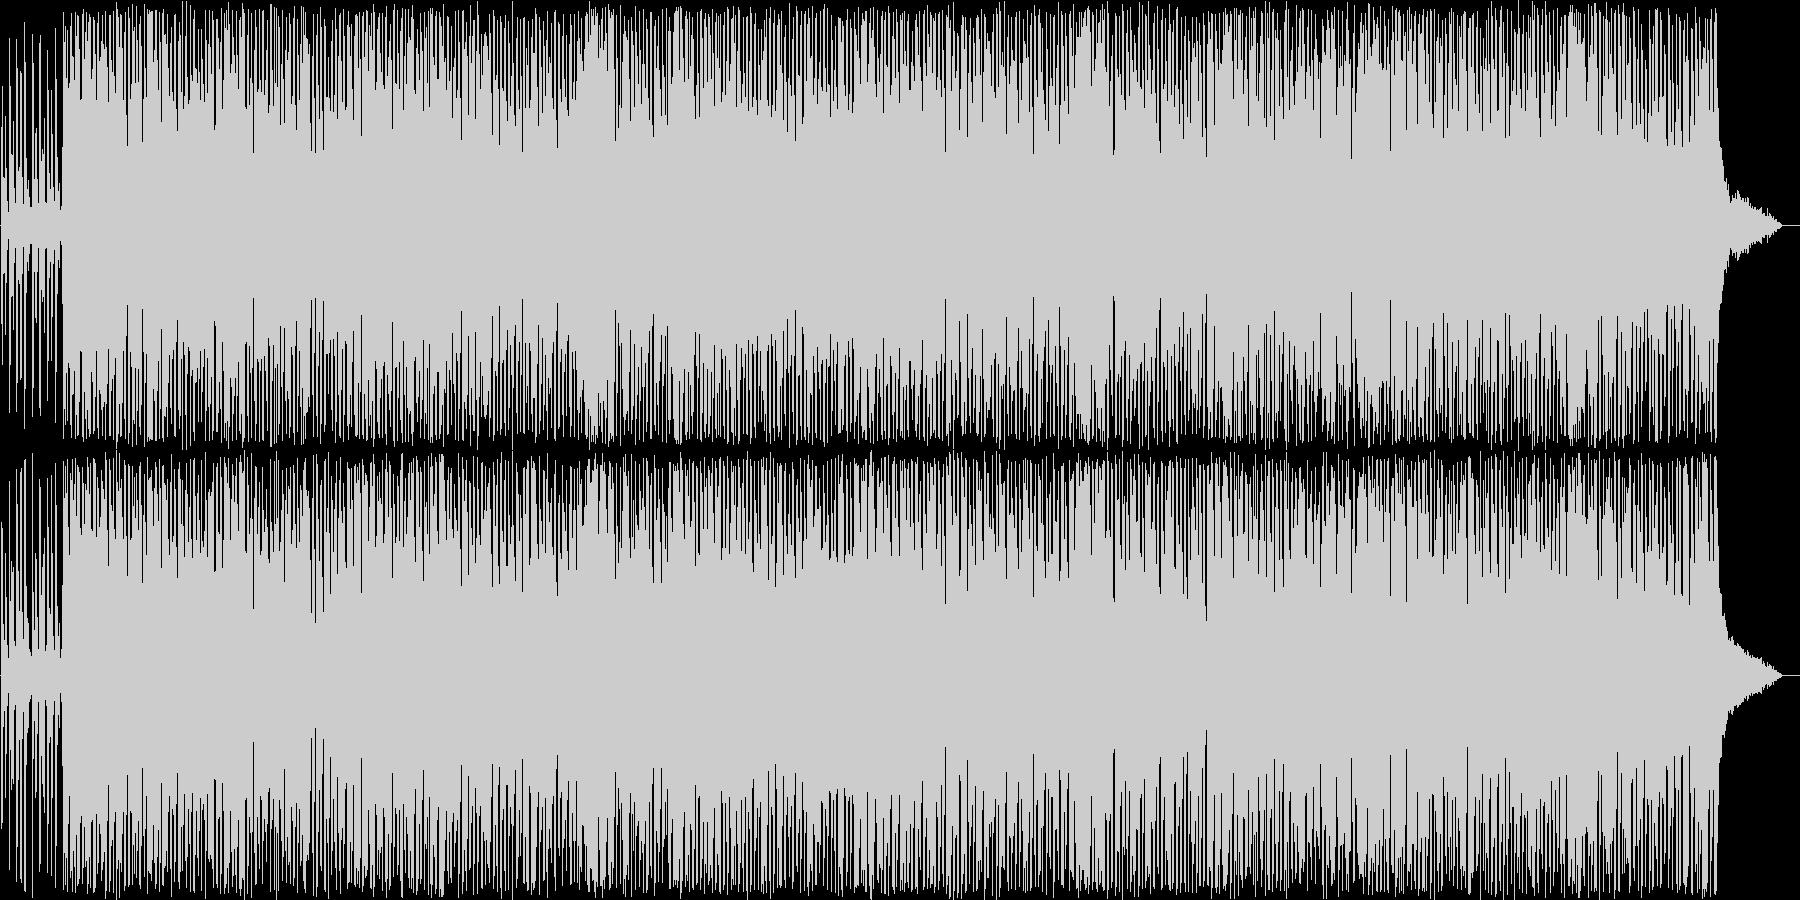 軽快なバンジョーが特徴的なカントリーの未再生の波形